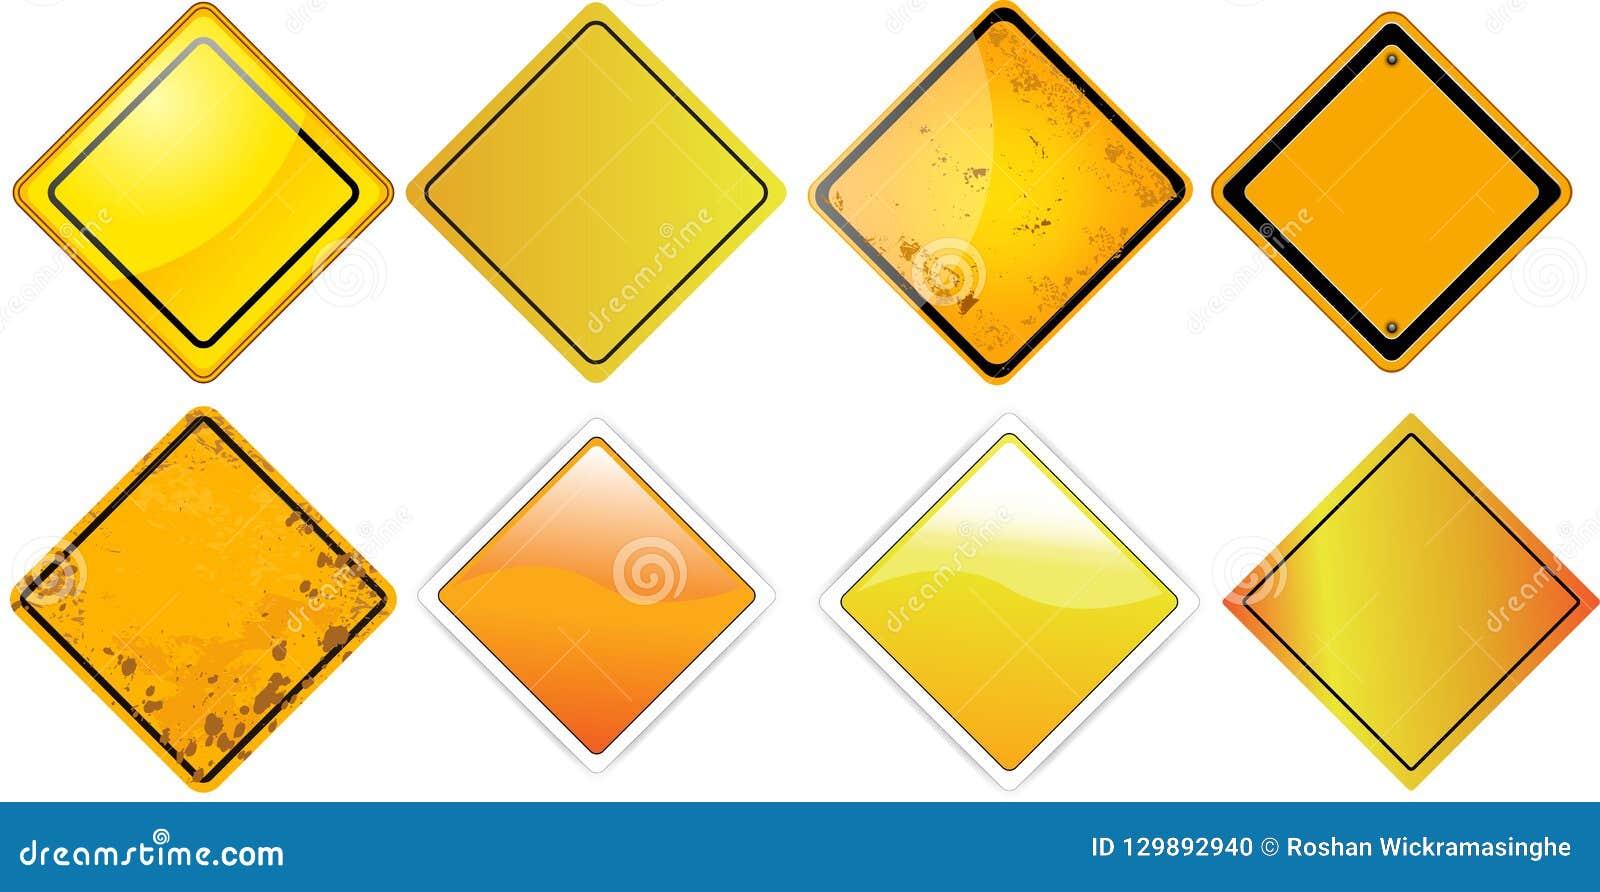 Los tableros amarillos del espacio en blanco de la señal de tráfico ajustan